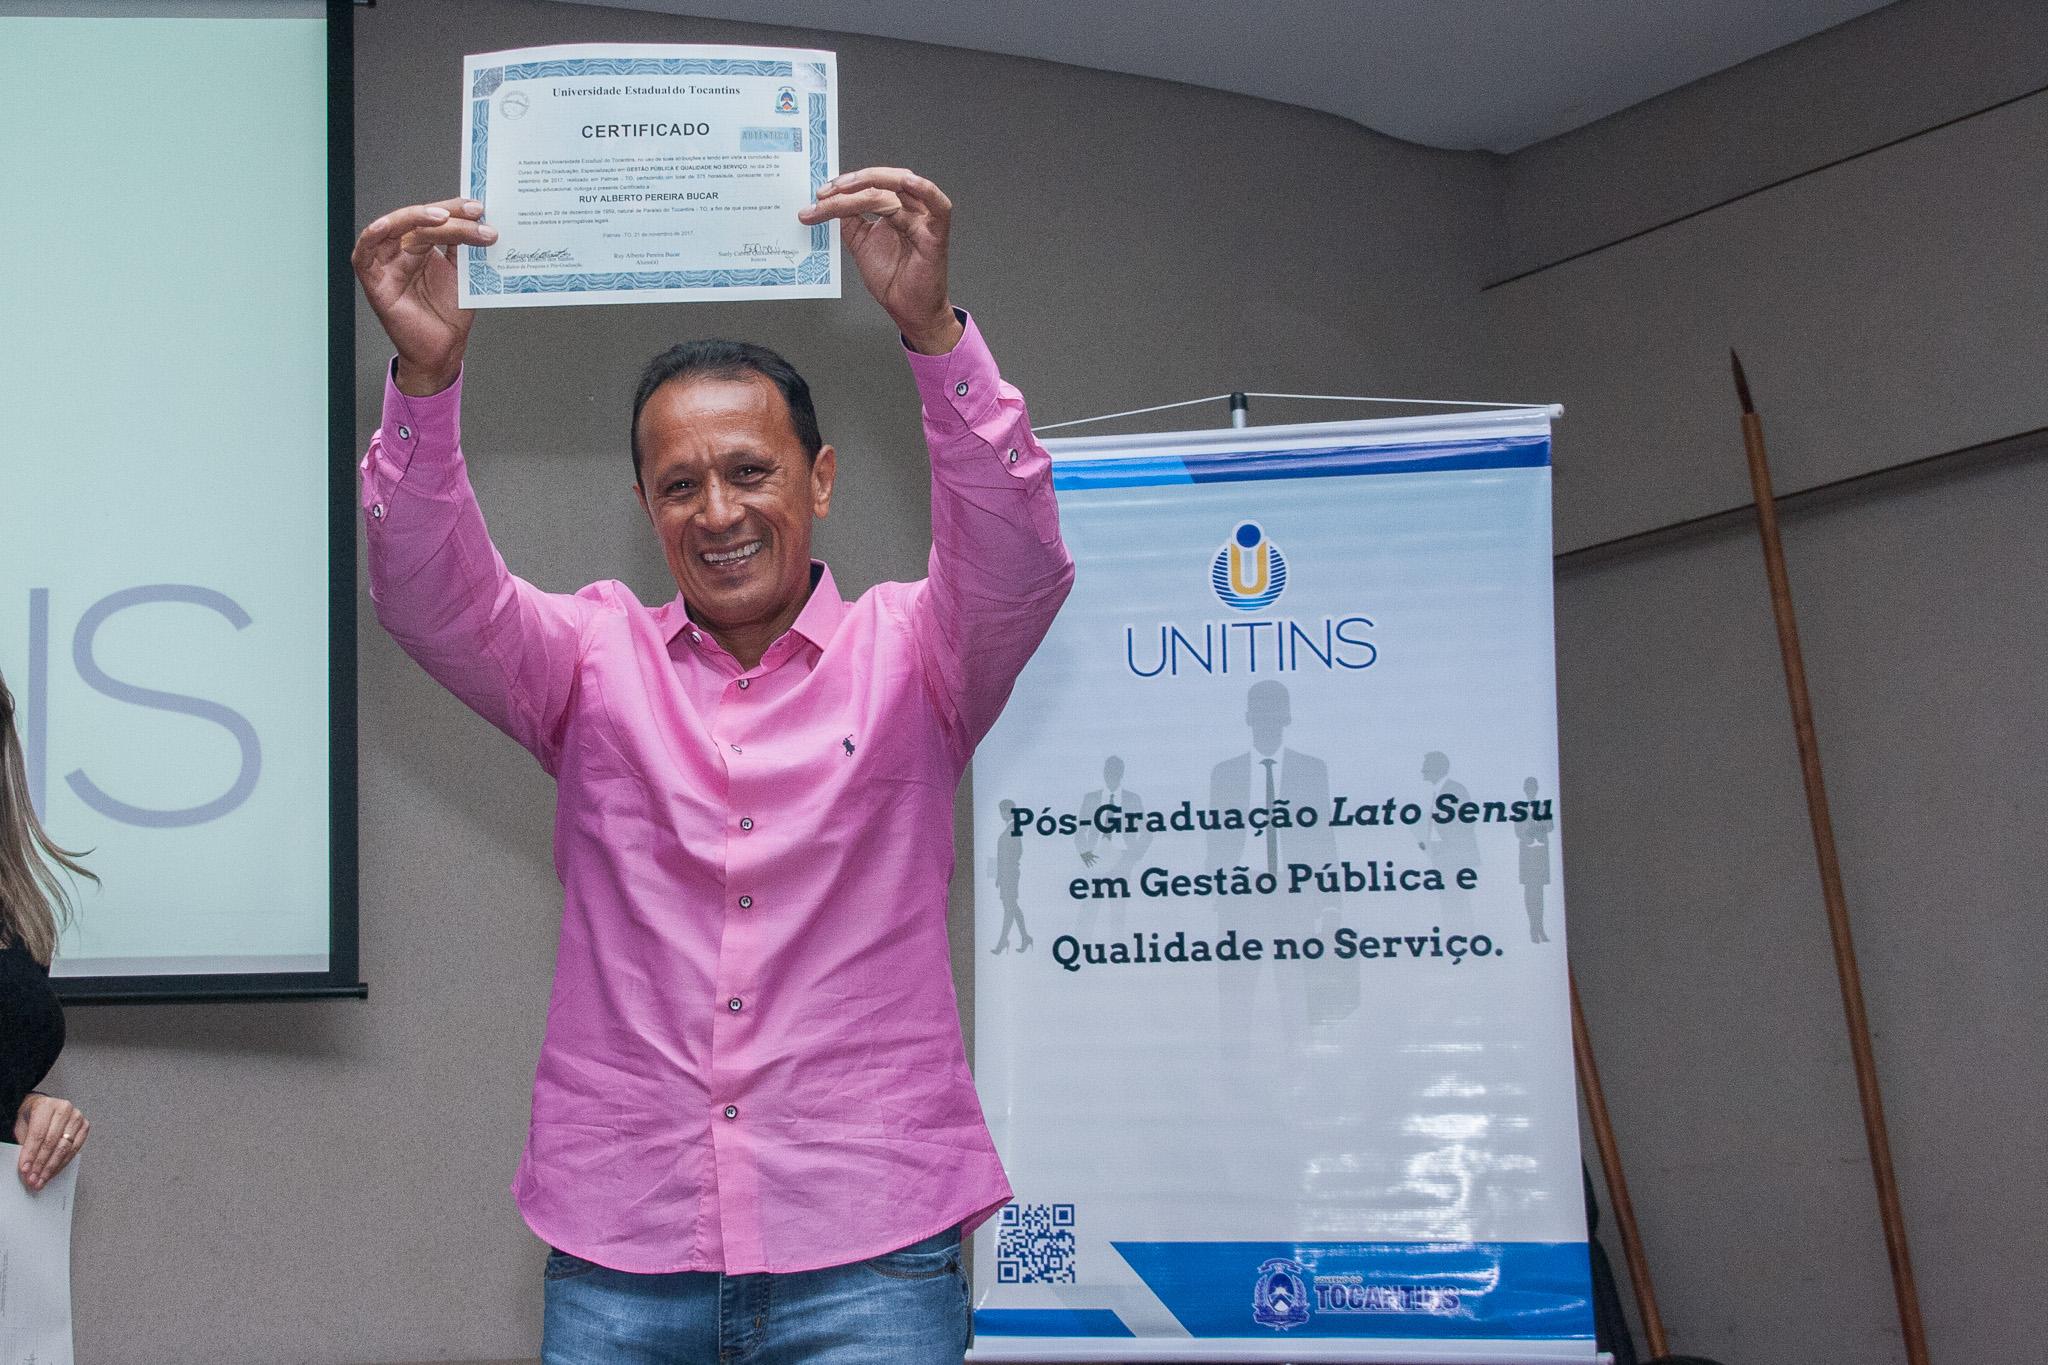 Ruy Bucar comemora com certificado de especialista pela Unitins